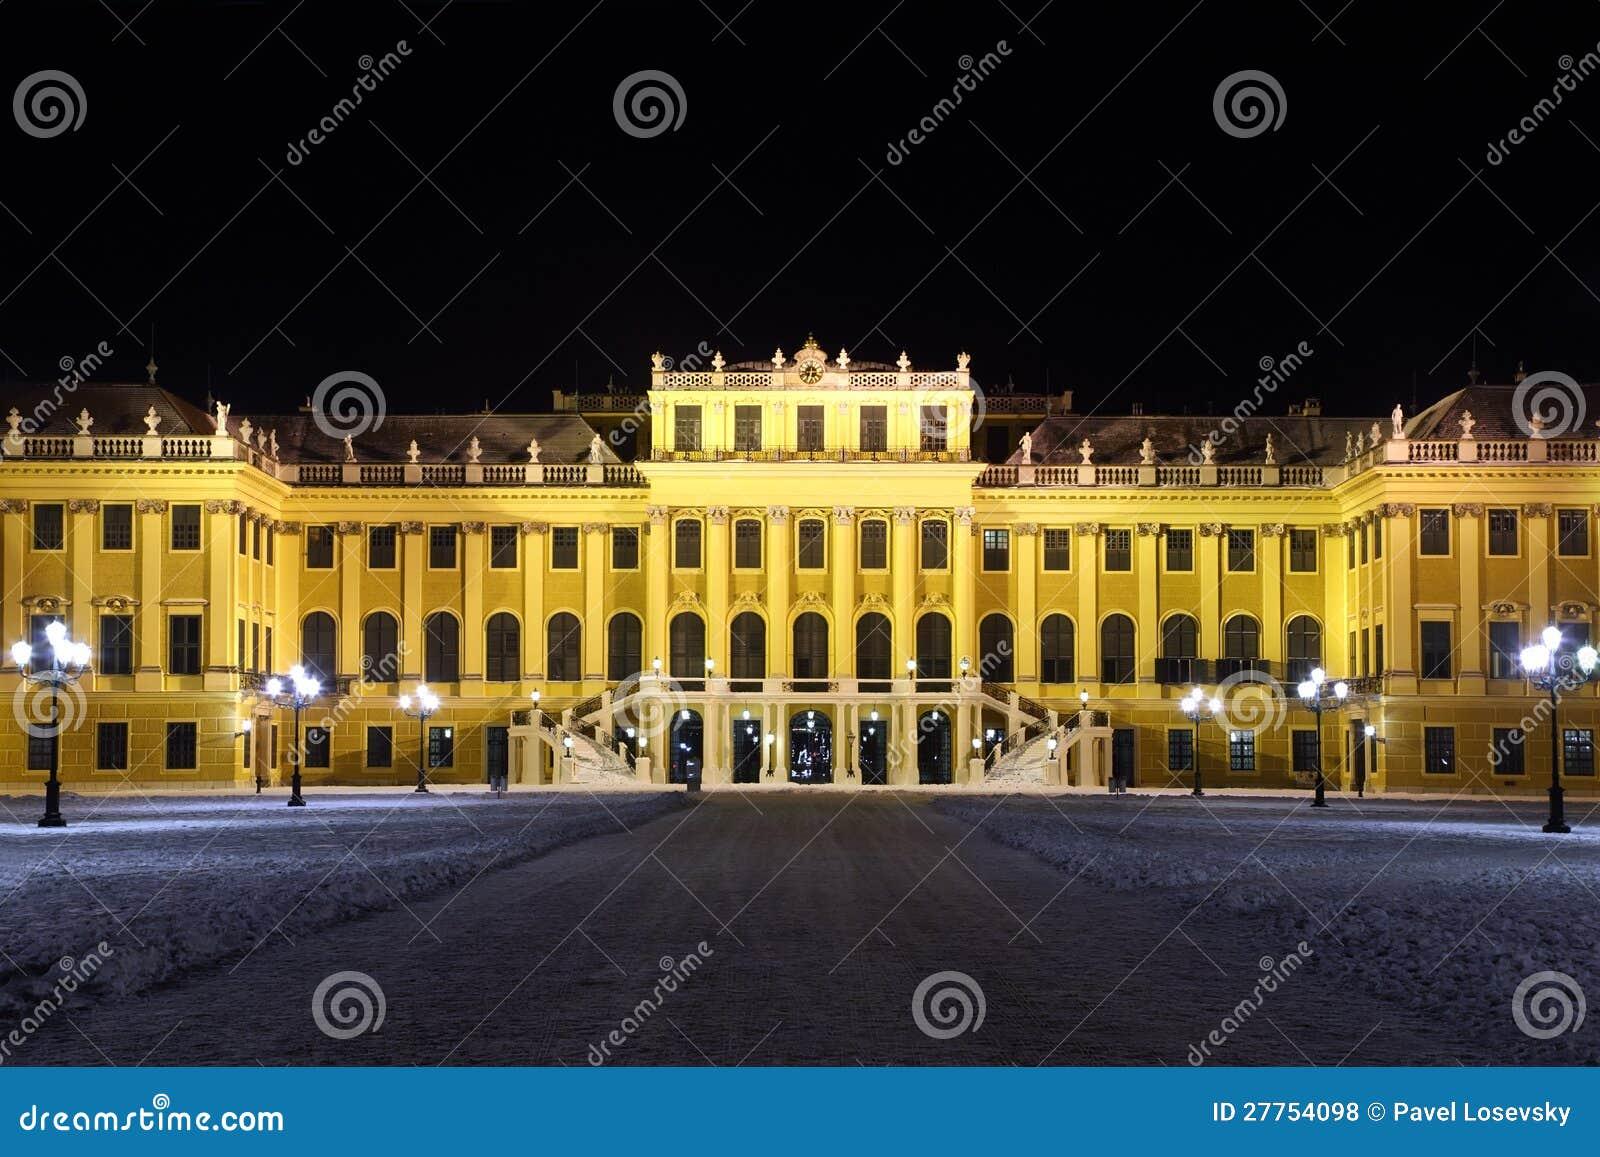 Façade de palais de Schonbrunn la nuit foncé hiver